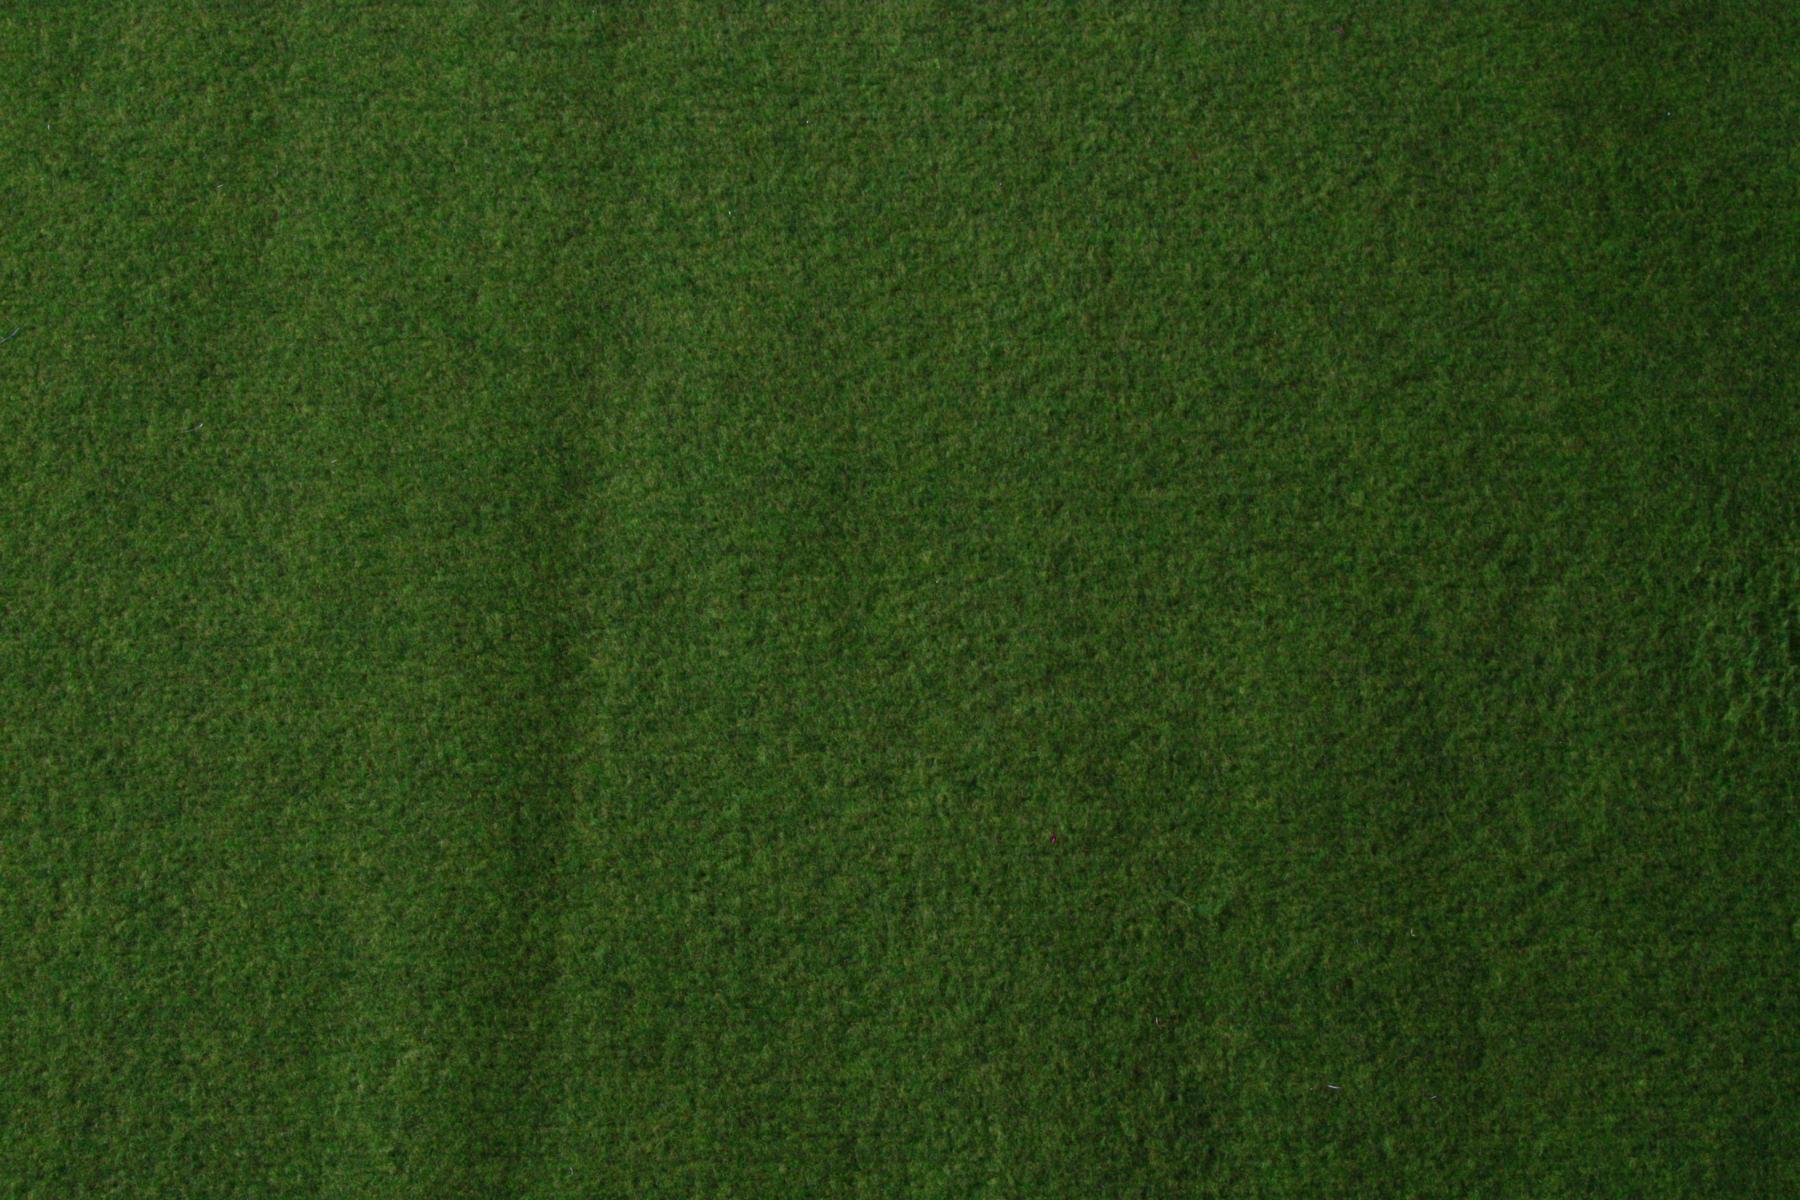 tapis gazon pelouse artificielle standard vert 2 m largeur velours souple ebay. Black Bedroom Furniture Sets. Home Design Ideas